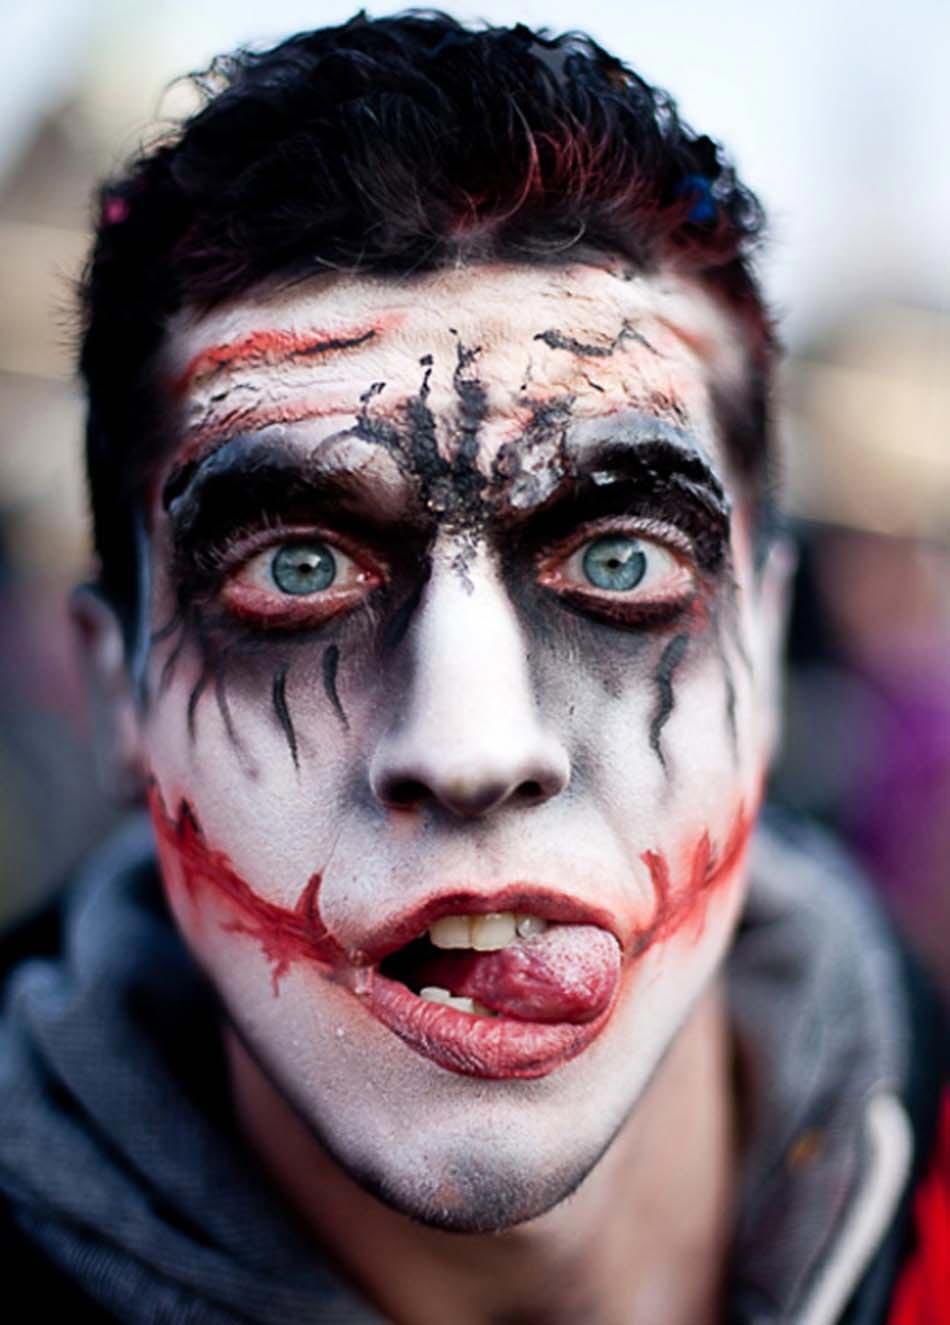 Maquillage homme halloween 16 id es pour r ussir une transformation terrifiante design feria - Maquillage vampire halloween ...